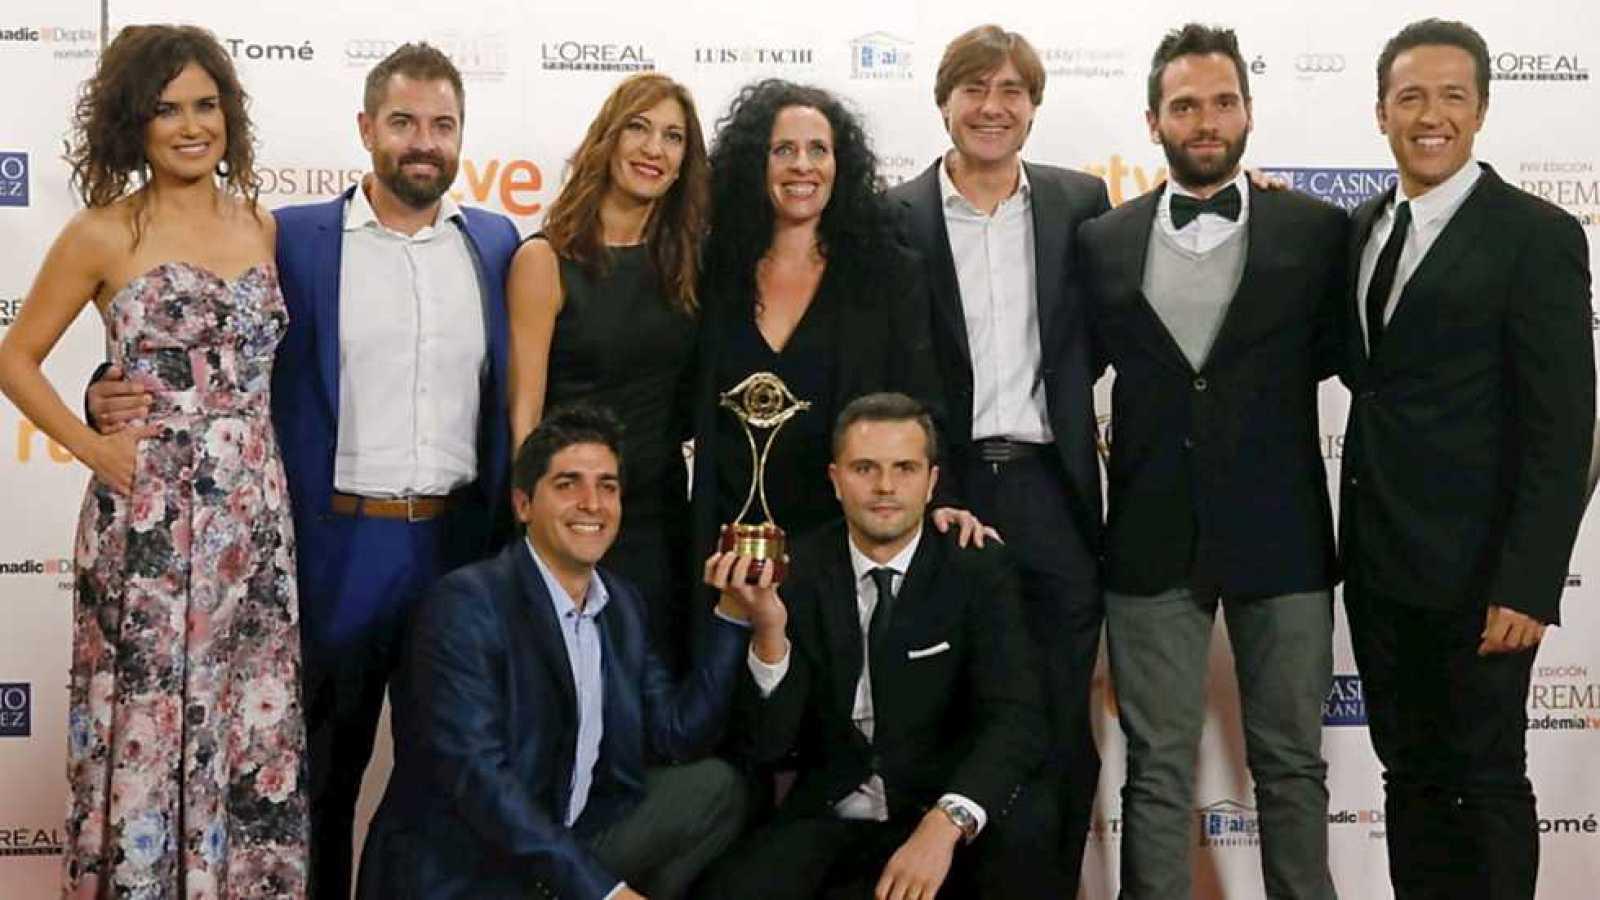 Gala Premios Iris ATV 2015 - Ver ahora